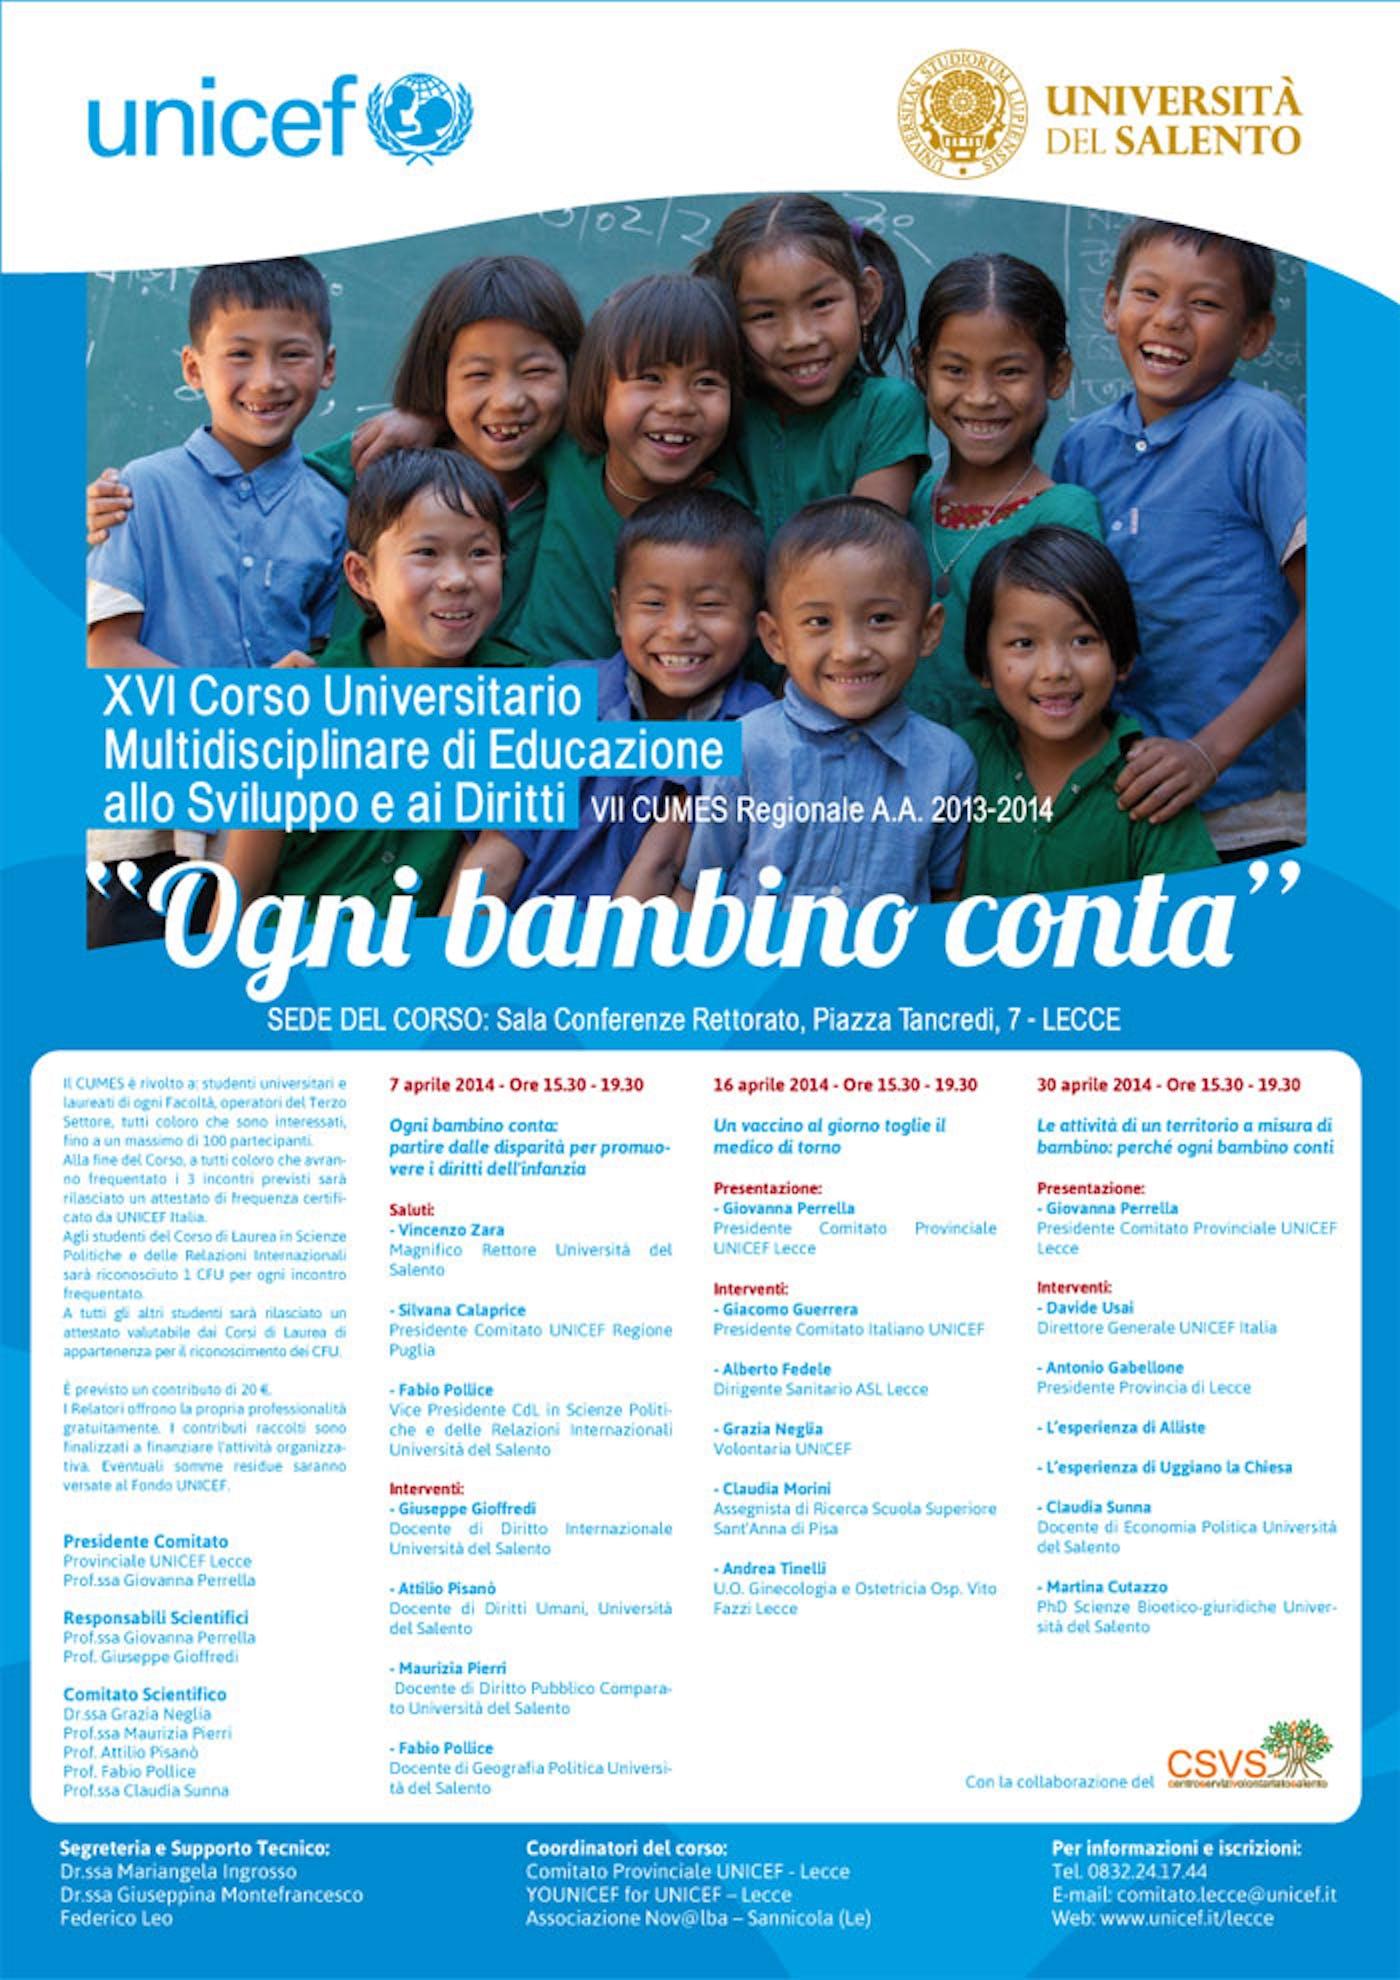 Lecce: Al via il XVI Corso Universitario Multidisciplinare di Educazione allo Sviluppo e ai Diritti